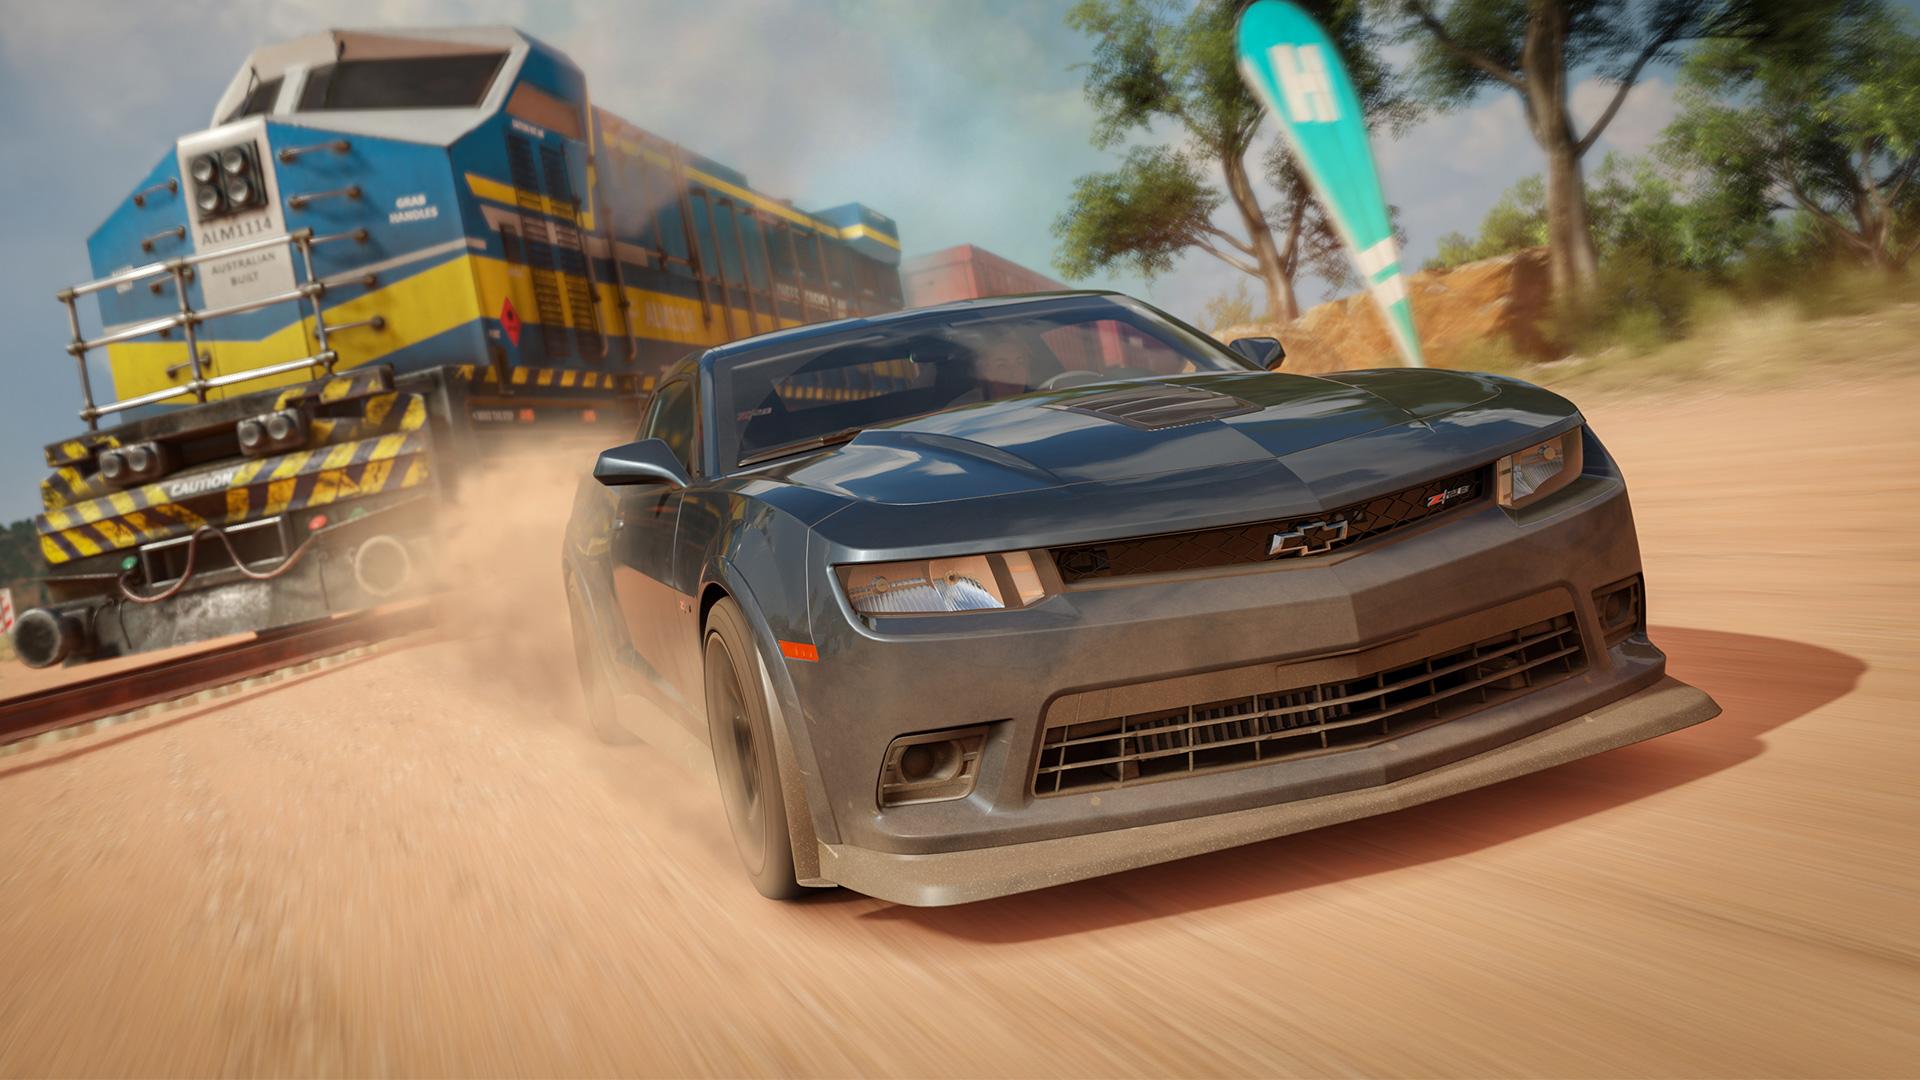 An image from <em>Forza Horizon 3</em>.